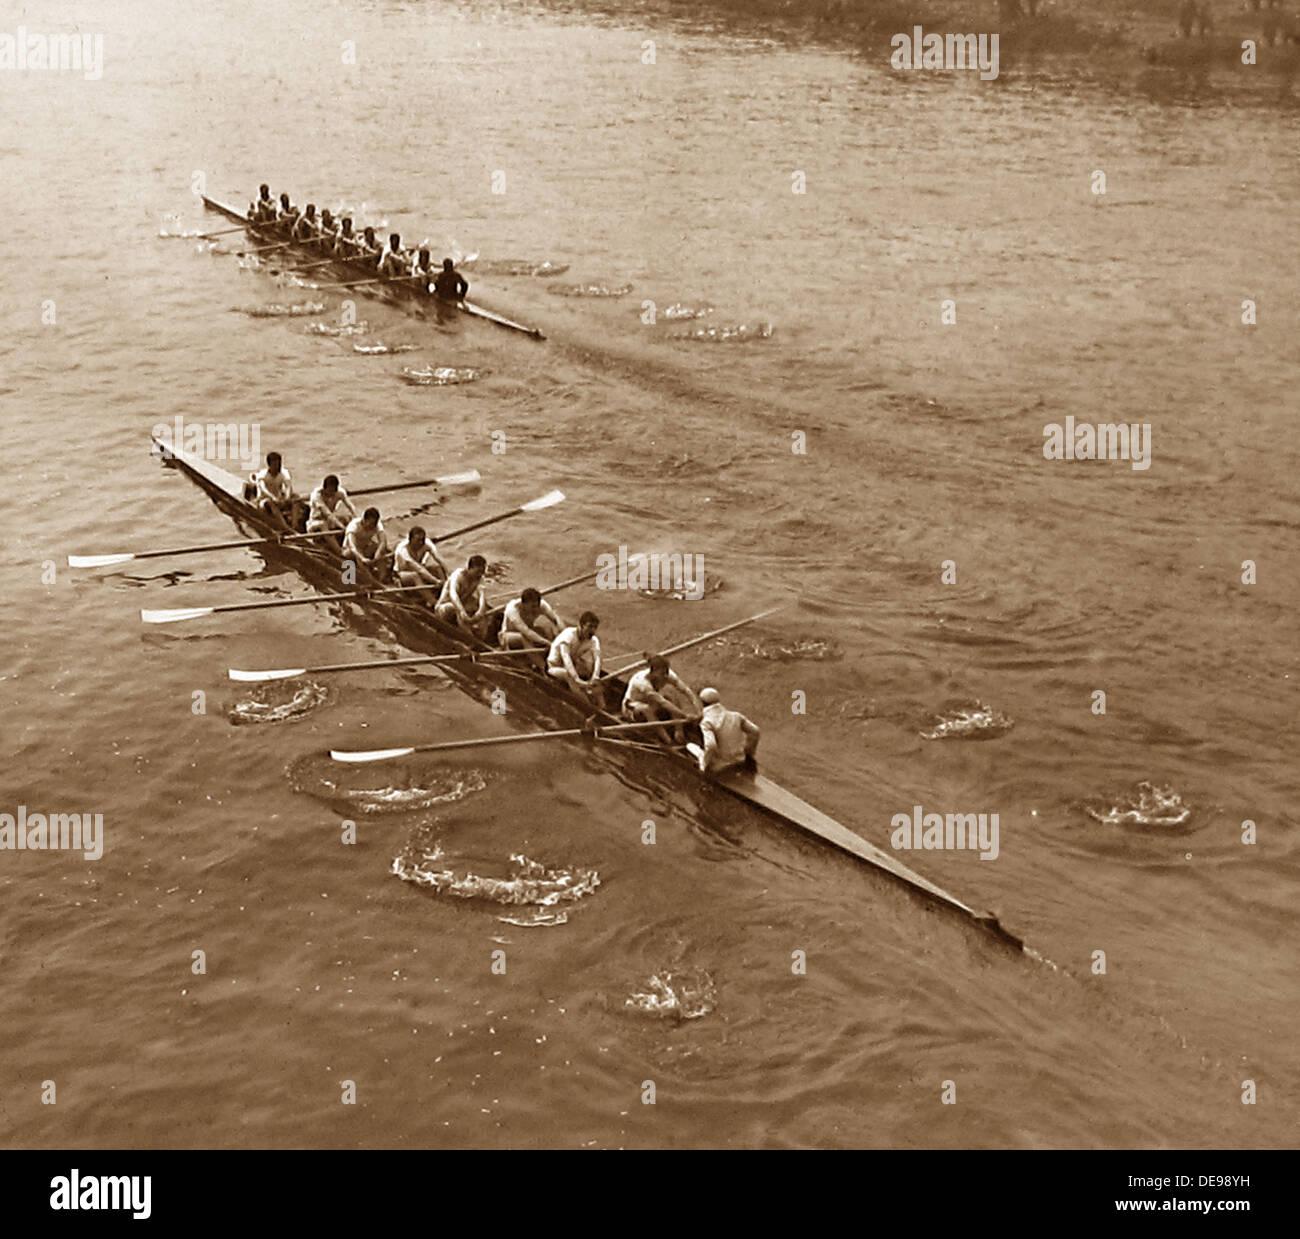 University Boat Race in 1909 - Stock Image